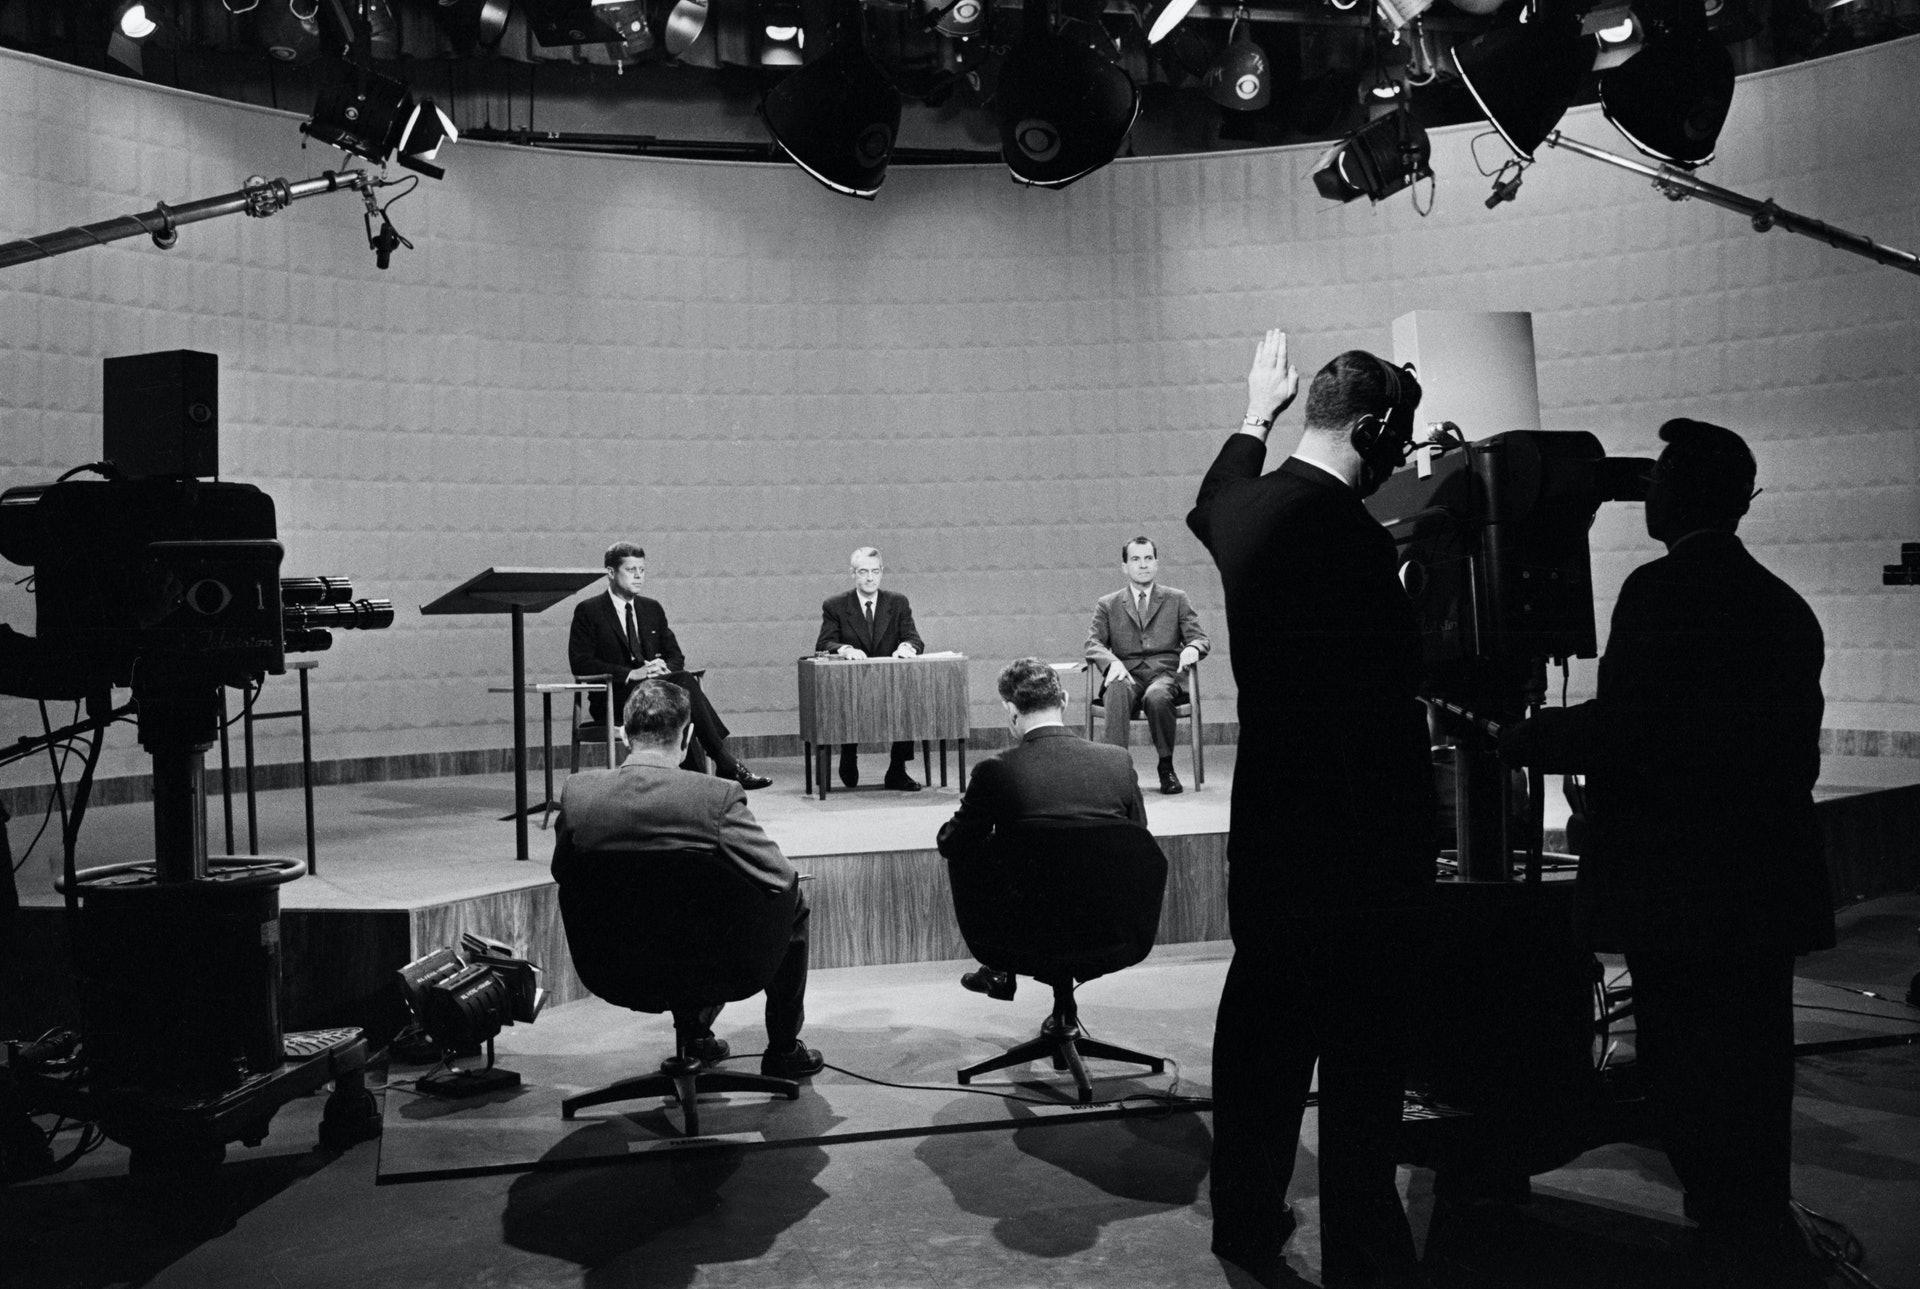 美国总统候选人辩论3:分别仍是副总统及参议员的尼克逊和甘迺迪在1960年总统大选中角逐。 他们进行美国史上首次有电视转播的大选辩论。 尼克逊在辩论期间全程不停抹汗,与年纪较轻的甘迺迪相比,显得很紧张。 图为1960年9月26日甘迺迪和尼克逊进行电视辩论。 (Getty)